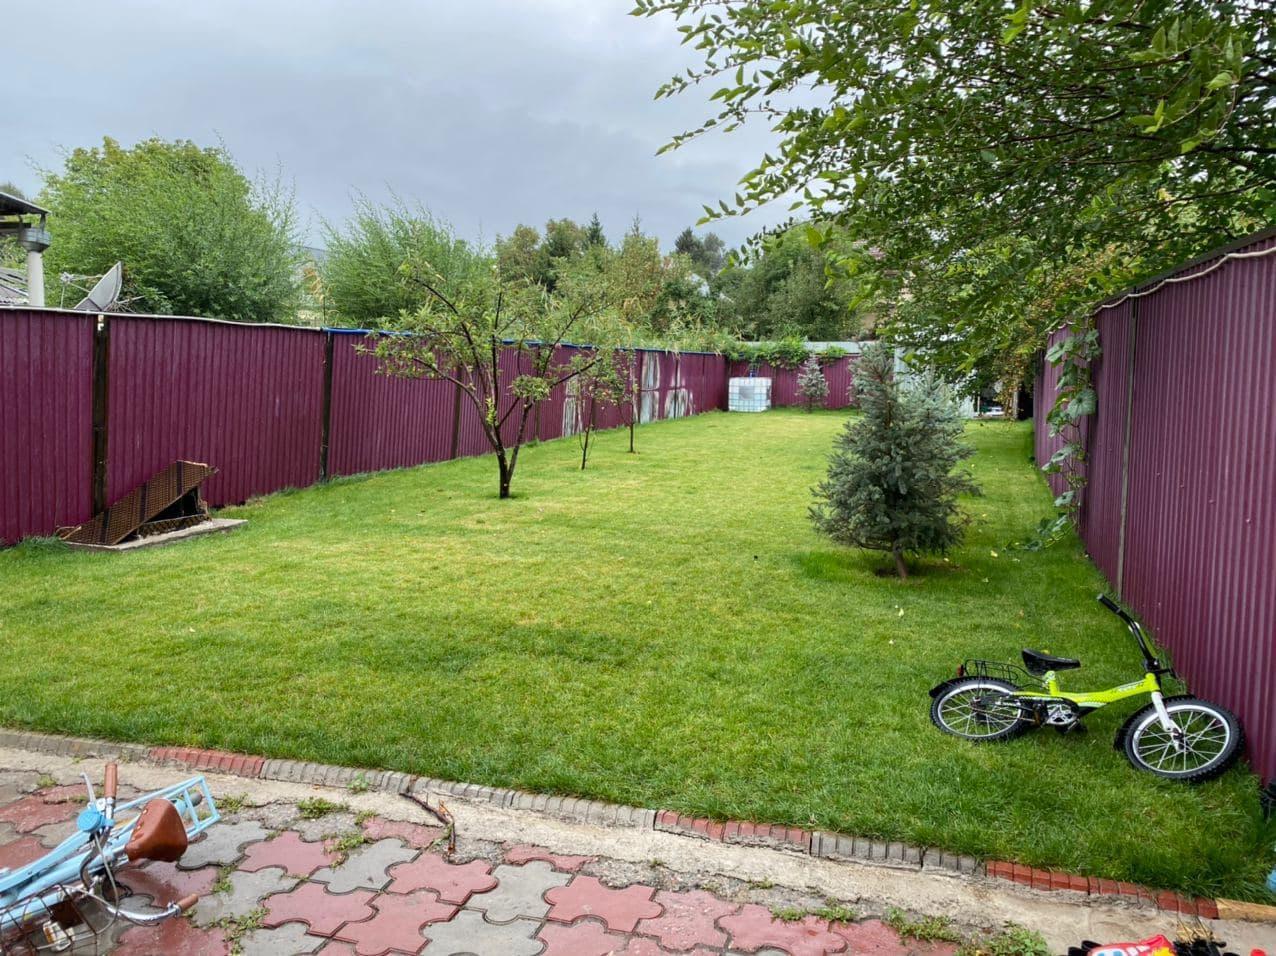 Укладка газона, озеленение, ландшафтный дизайн, поливная система - фото 4